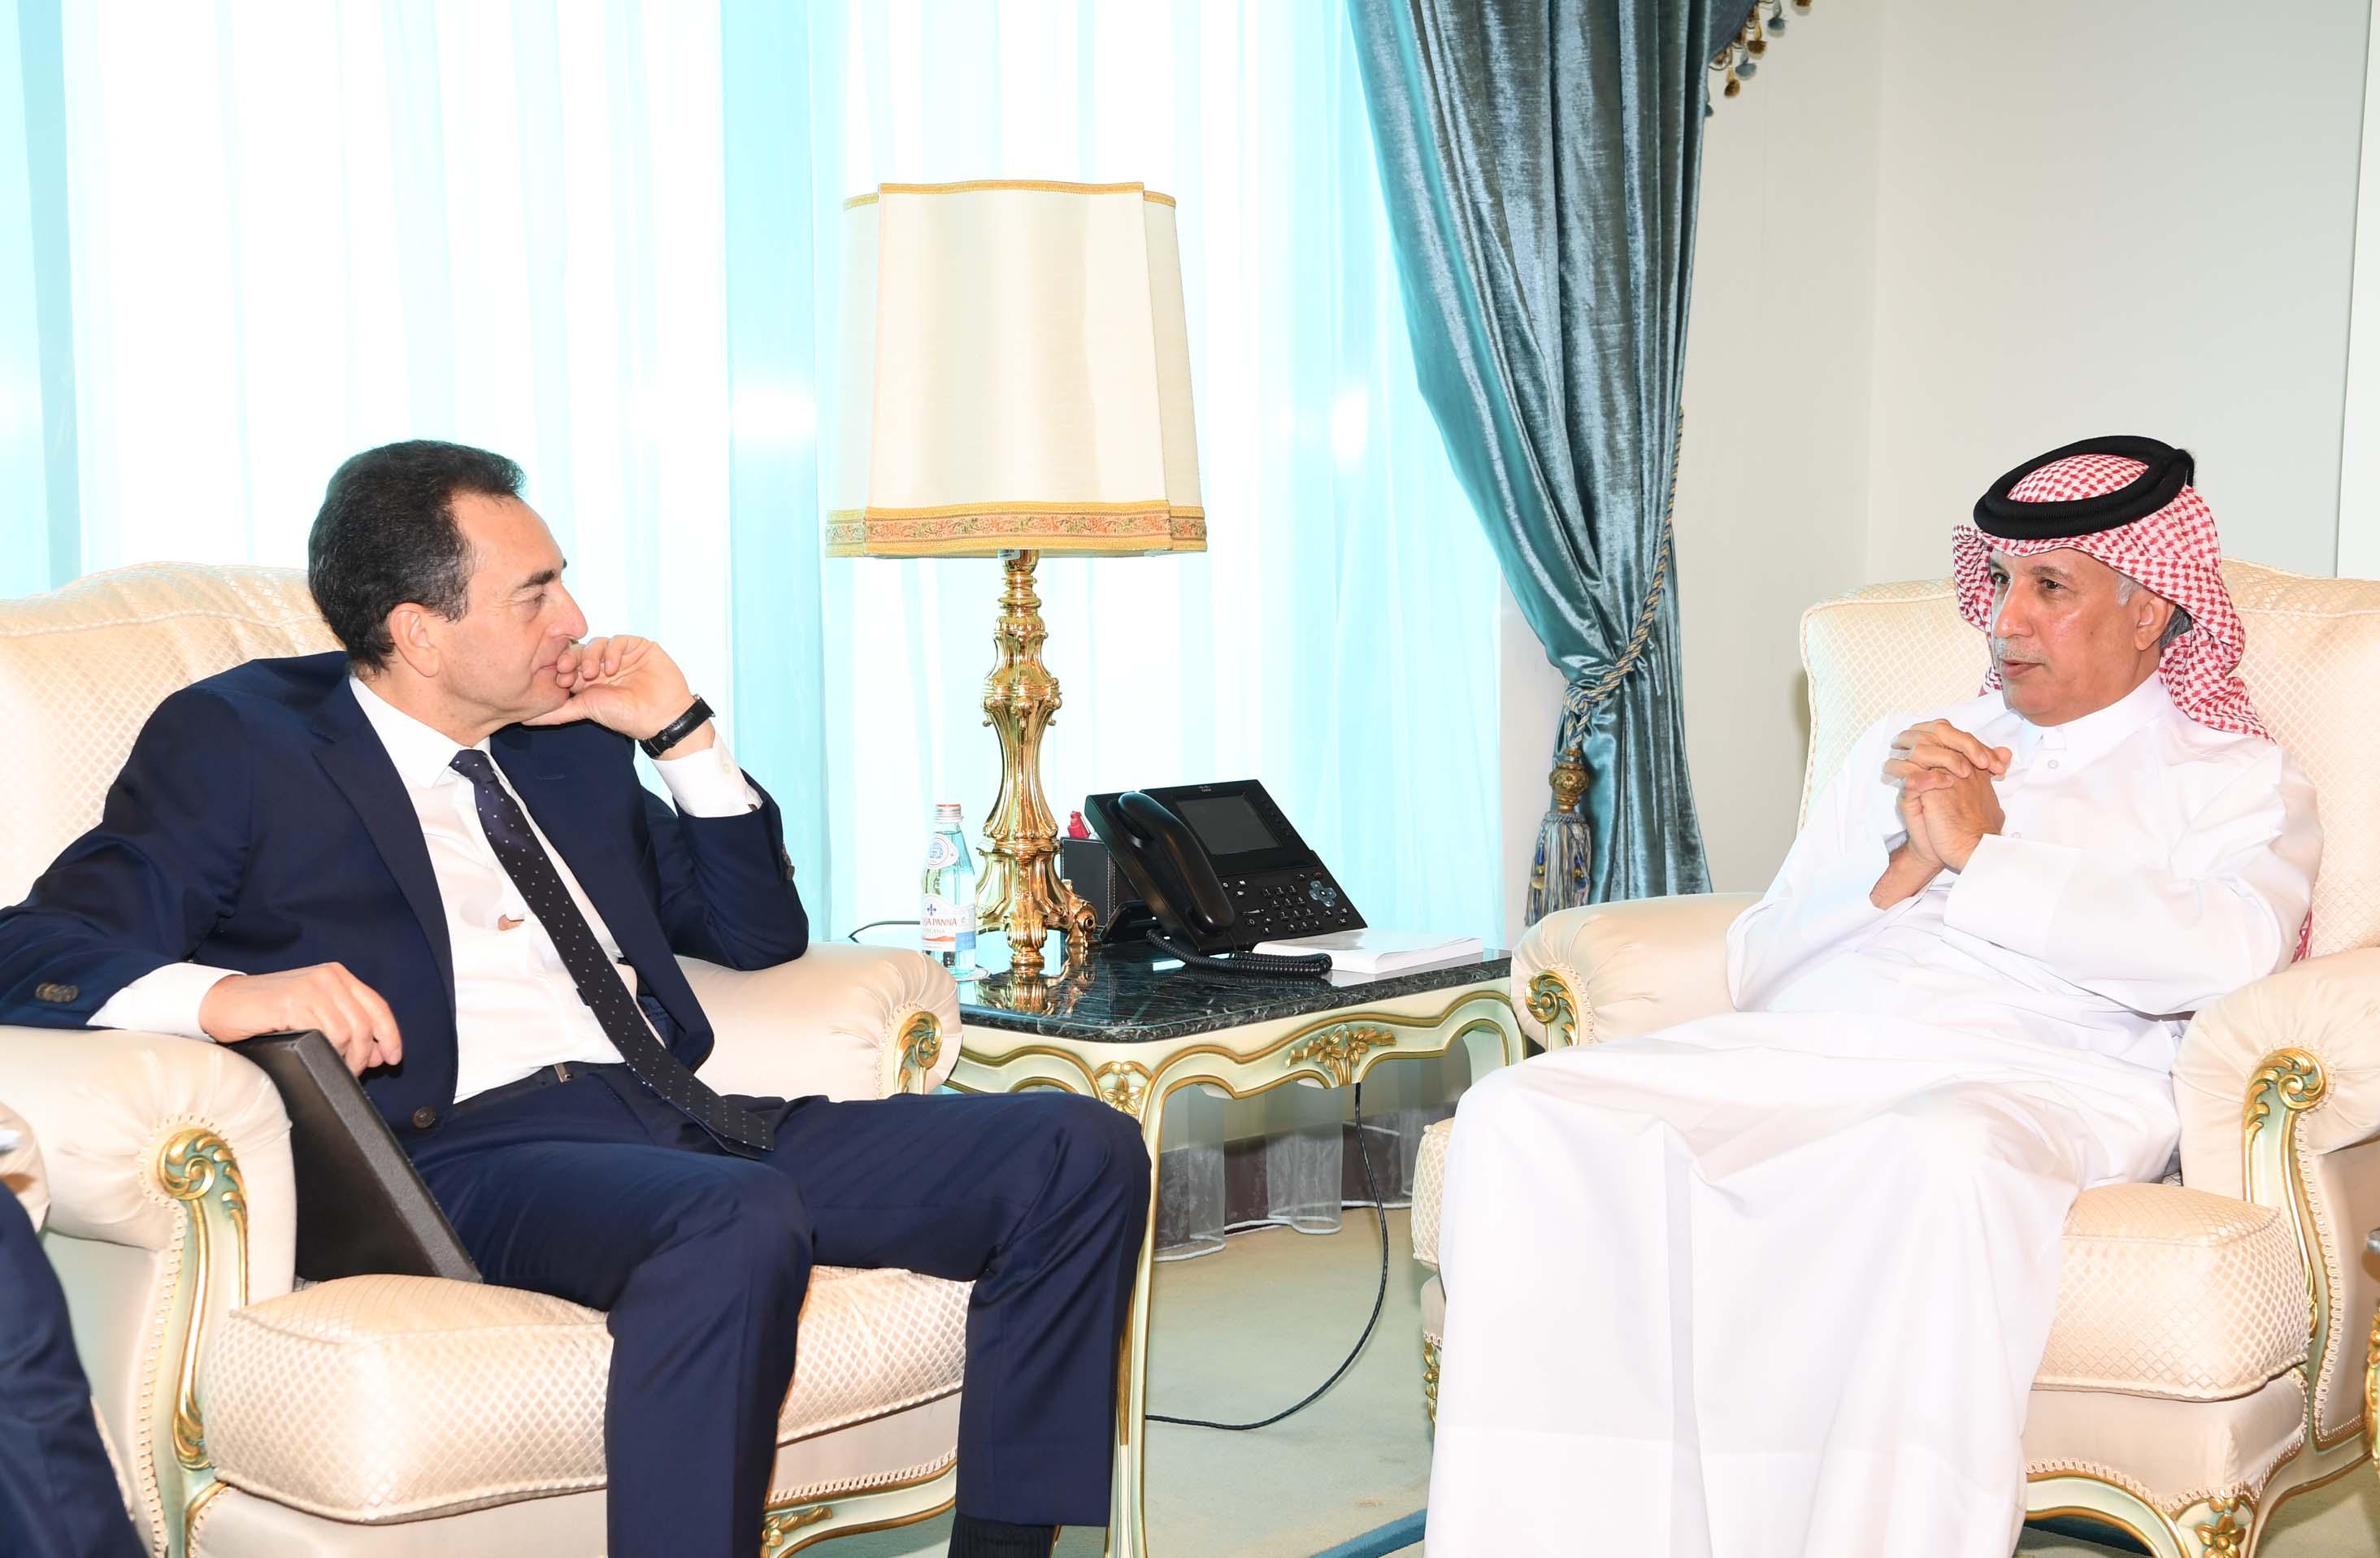 وزير الدولة للشؤون الخارجية  يجتمع مع سفير الجمهورية الفرنسية